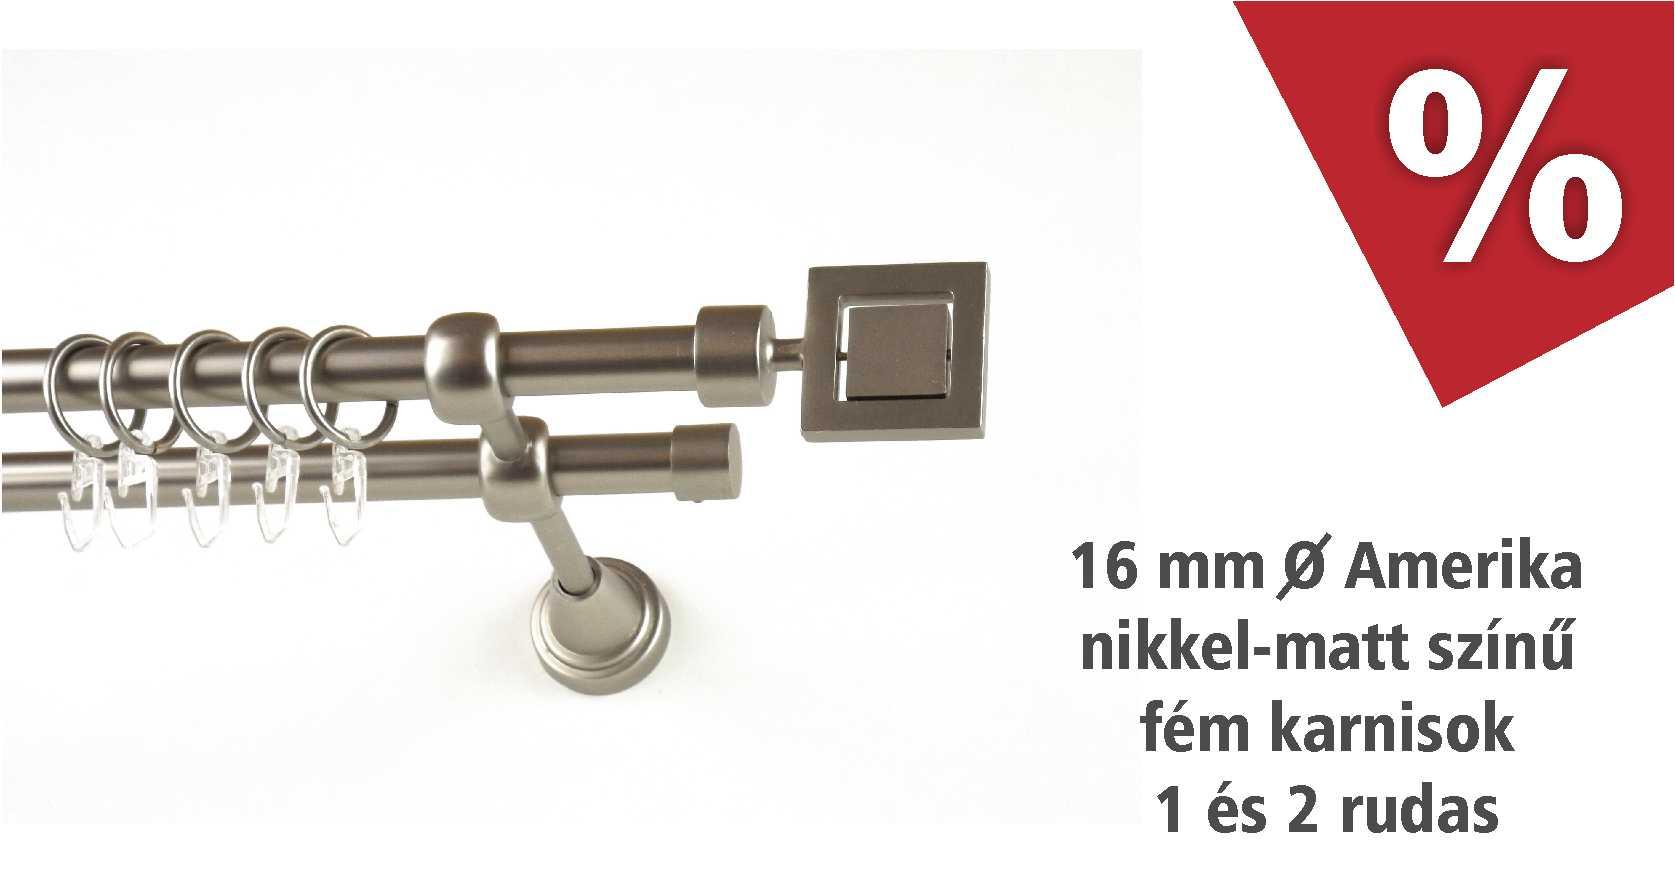 Amerika nikkel-matt színű fém karnis szettek 1 és 2 rudas több méretben - szeptemberben kedvezményes áron! - www.karnisstudio.hu